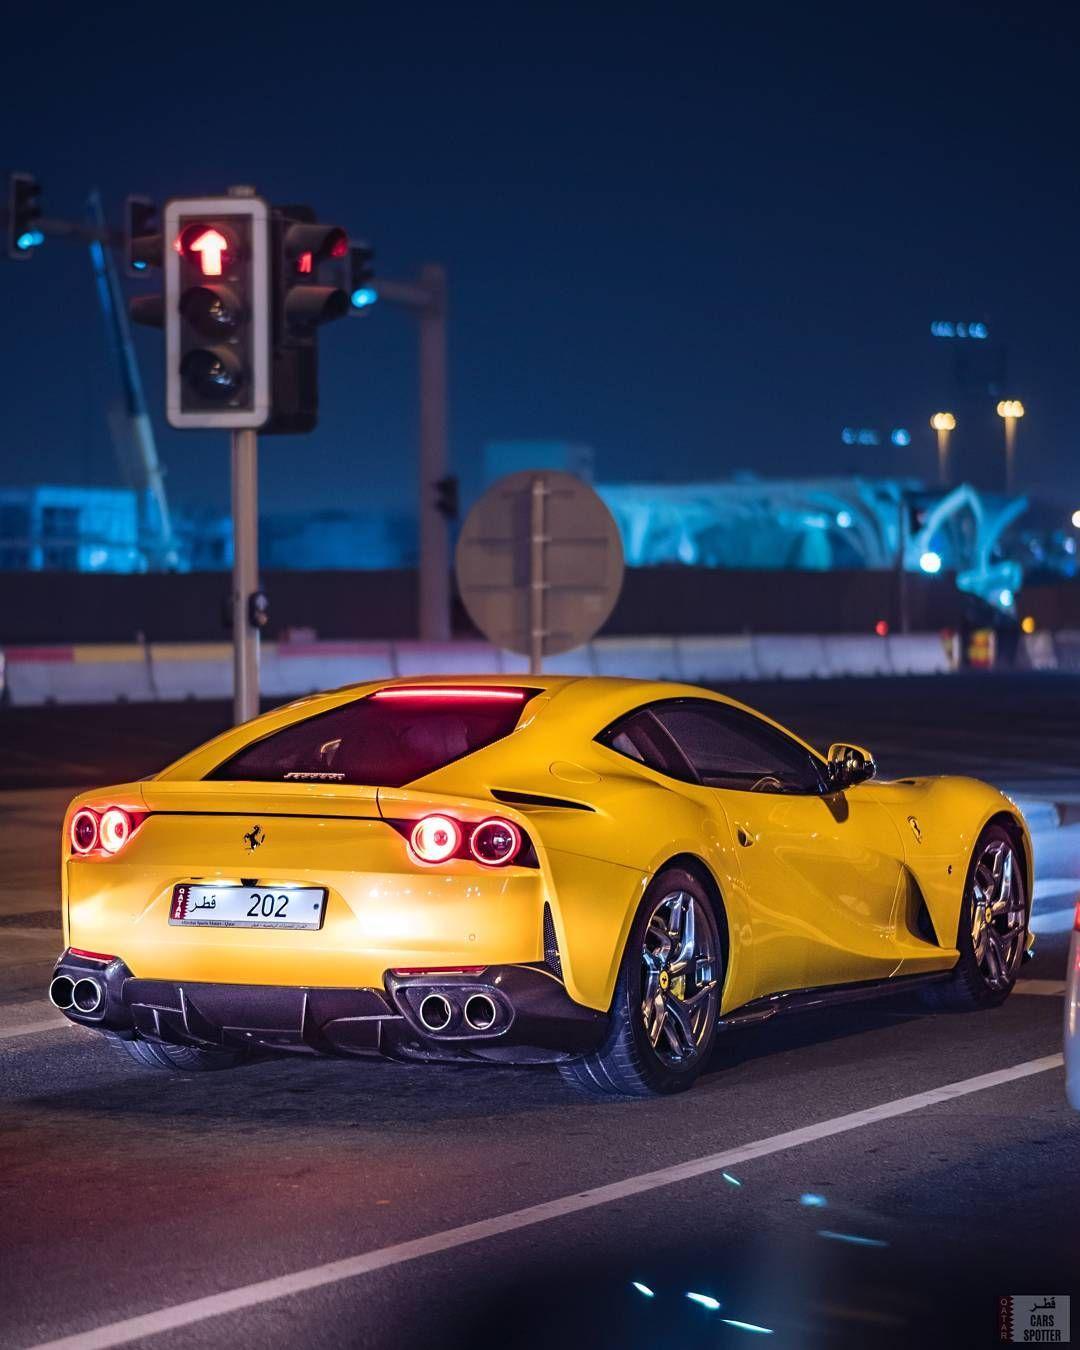 Pin By Duane Tuell On Ferrari Vehicles Super Cars Ferrari Car